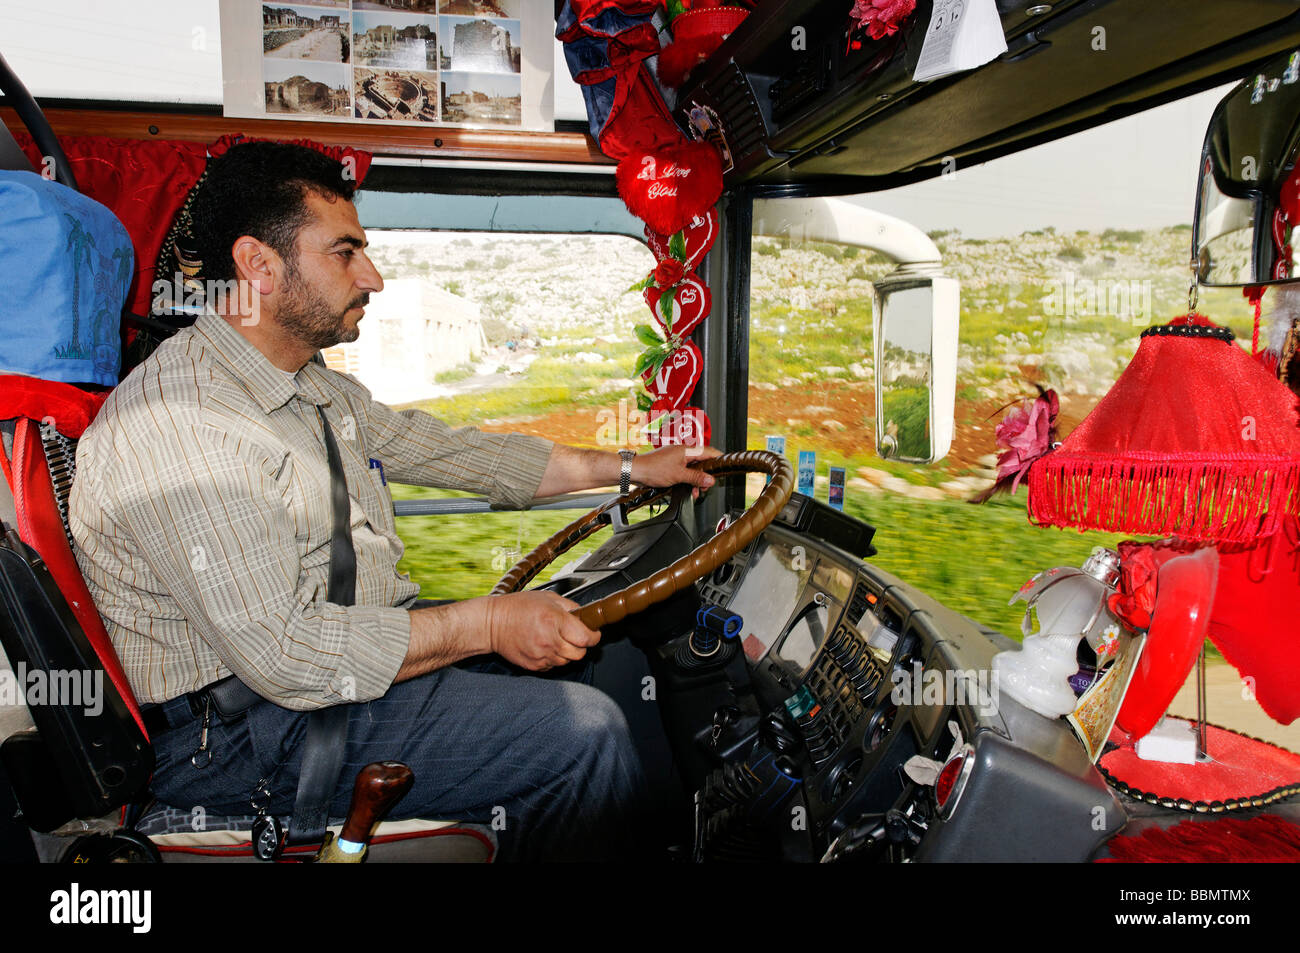 Chofer de autobús en una cabina decorada, Siria, Asia Imagen De Stock